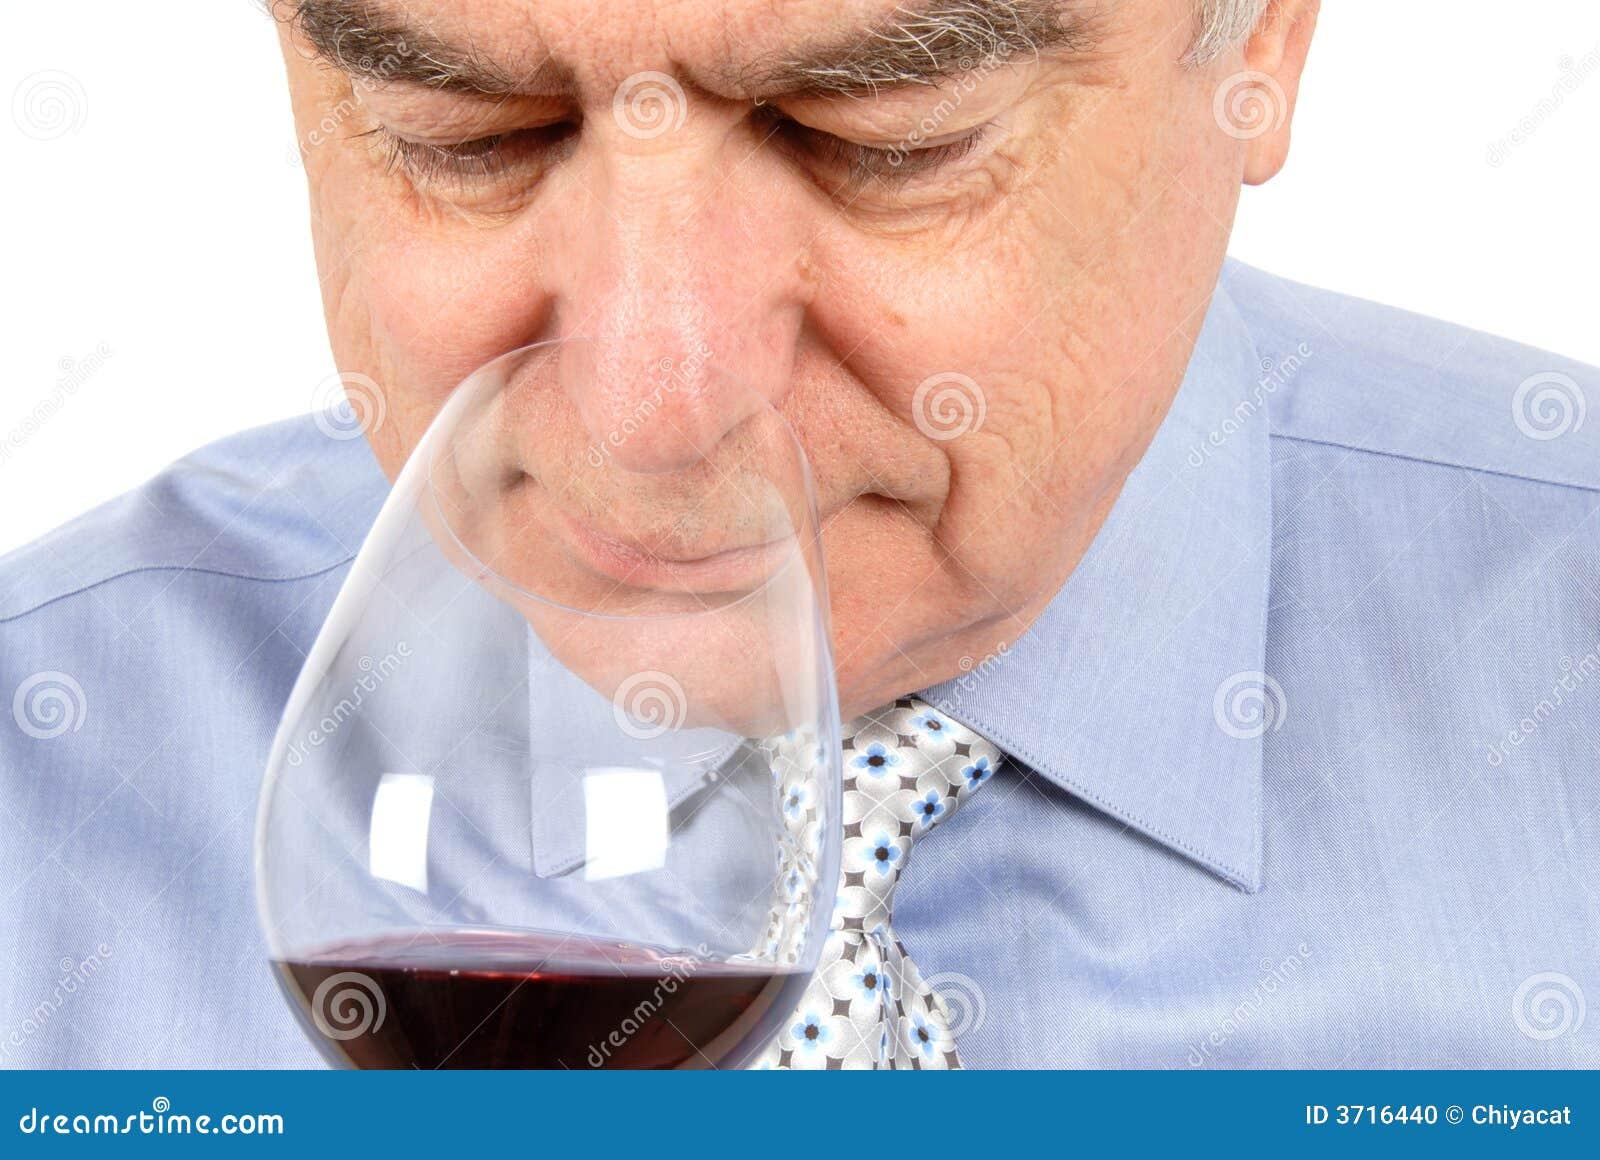 Degustatora wino